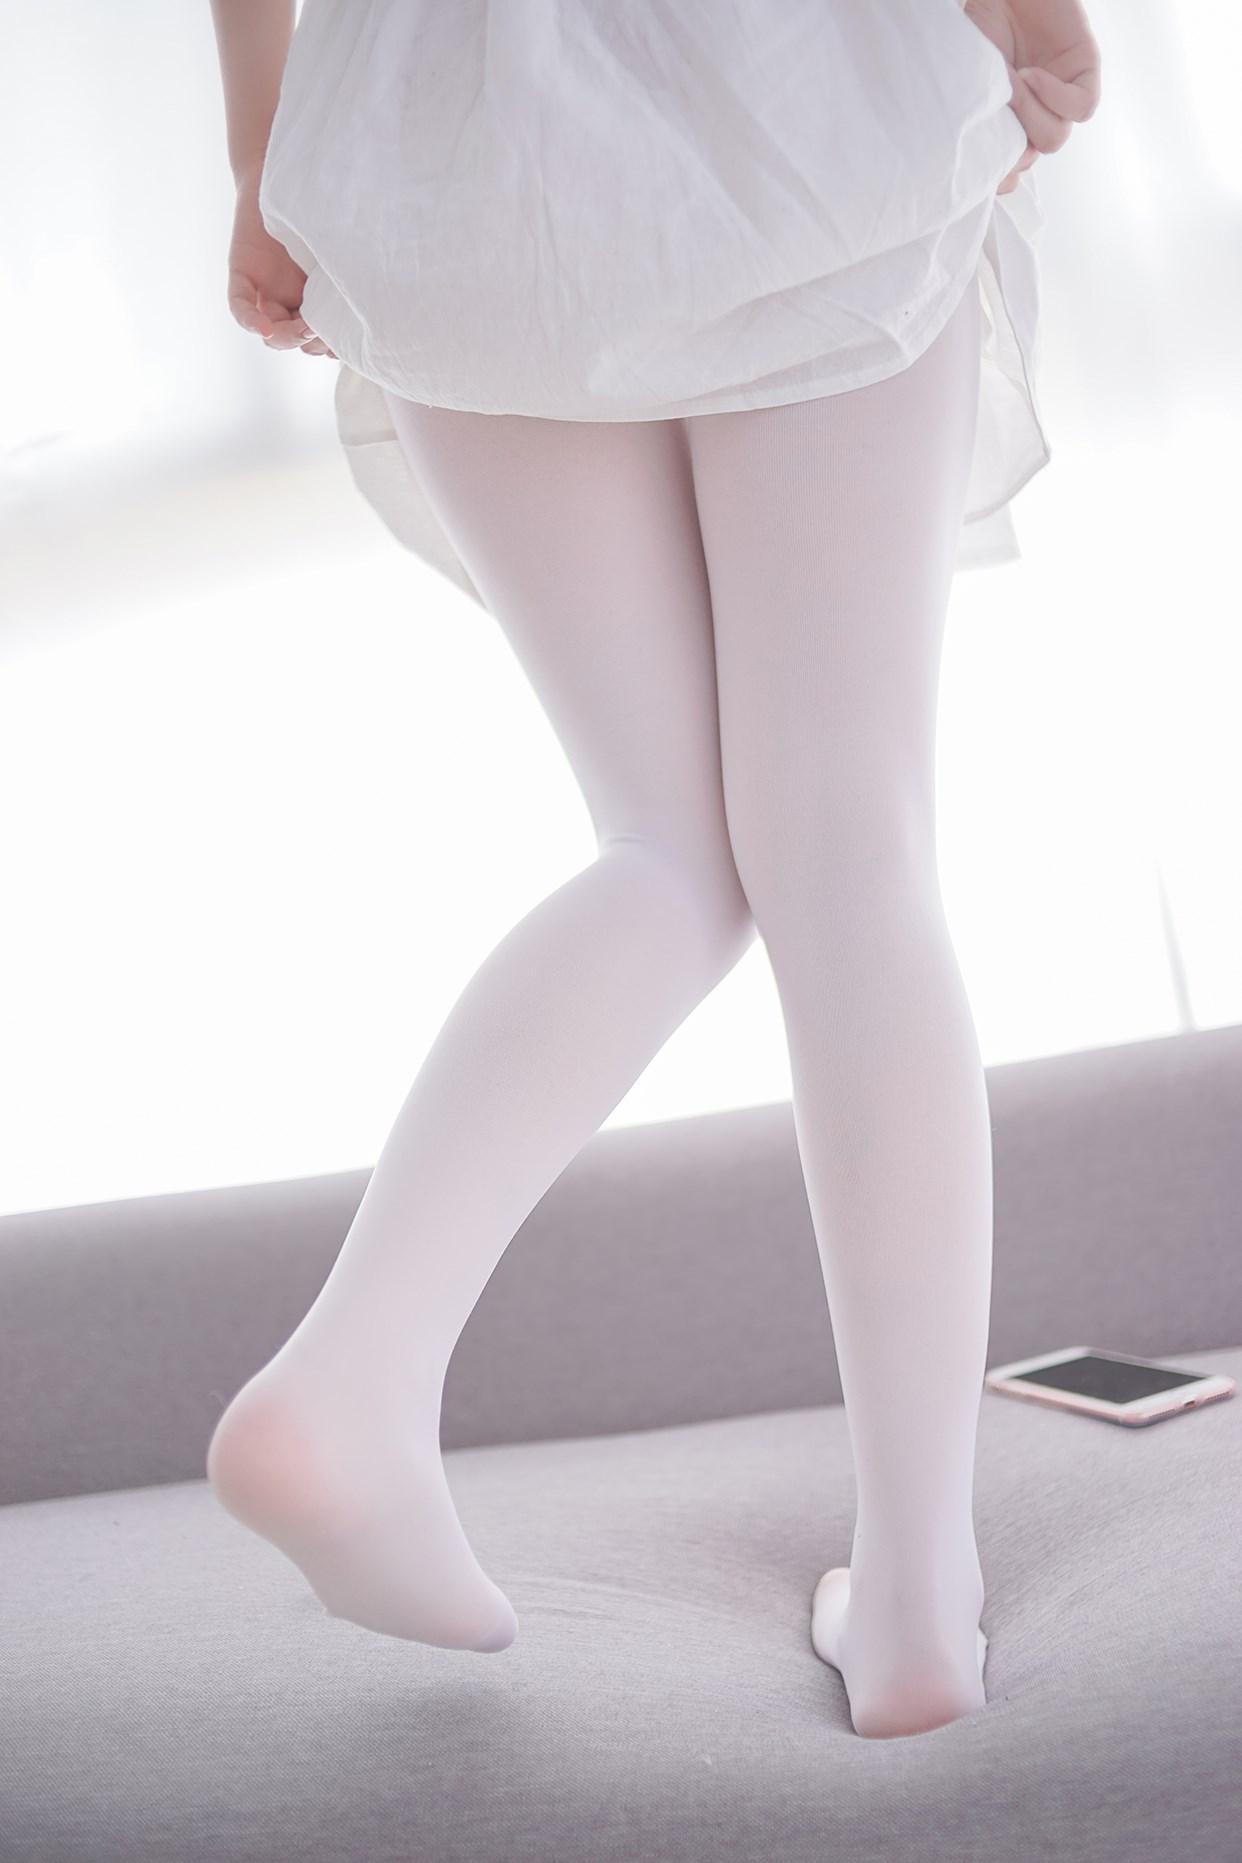 【兔玩映画】白丝喵喵 兔玩映画 第33张